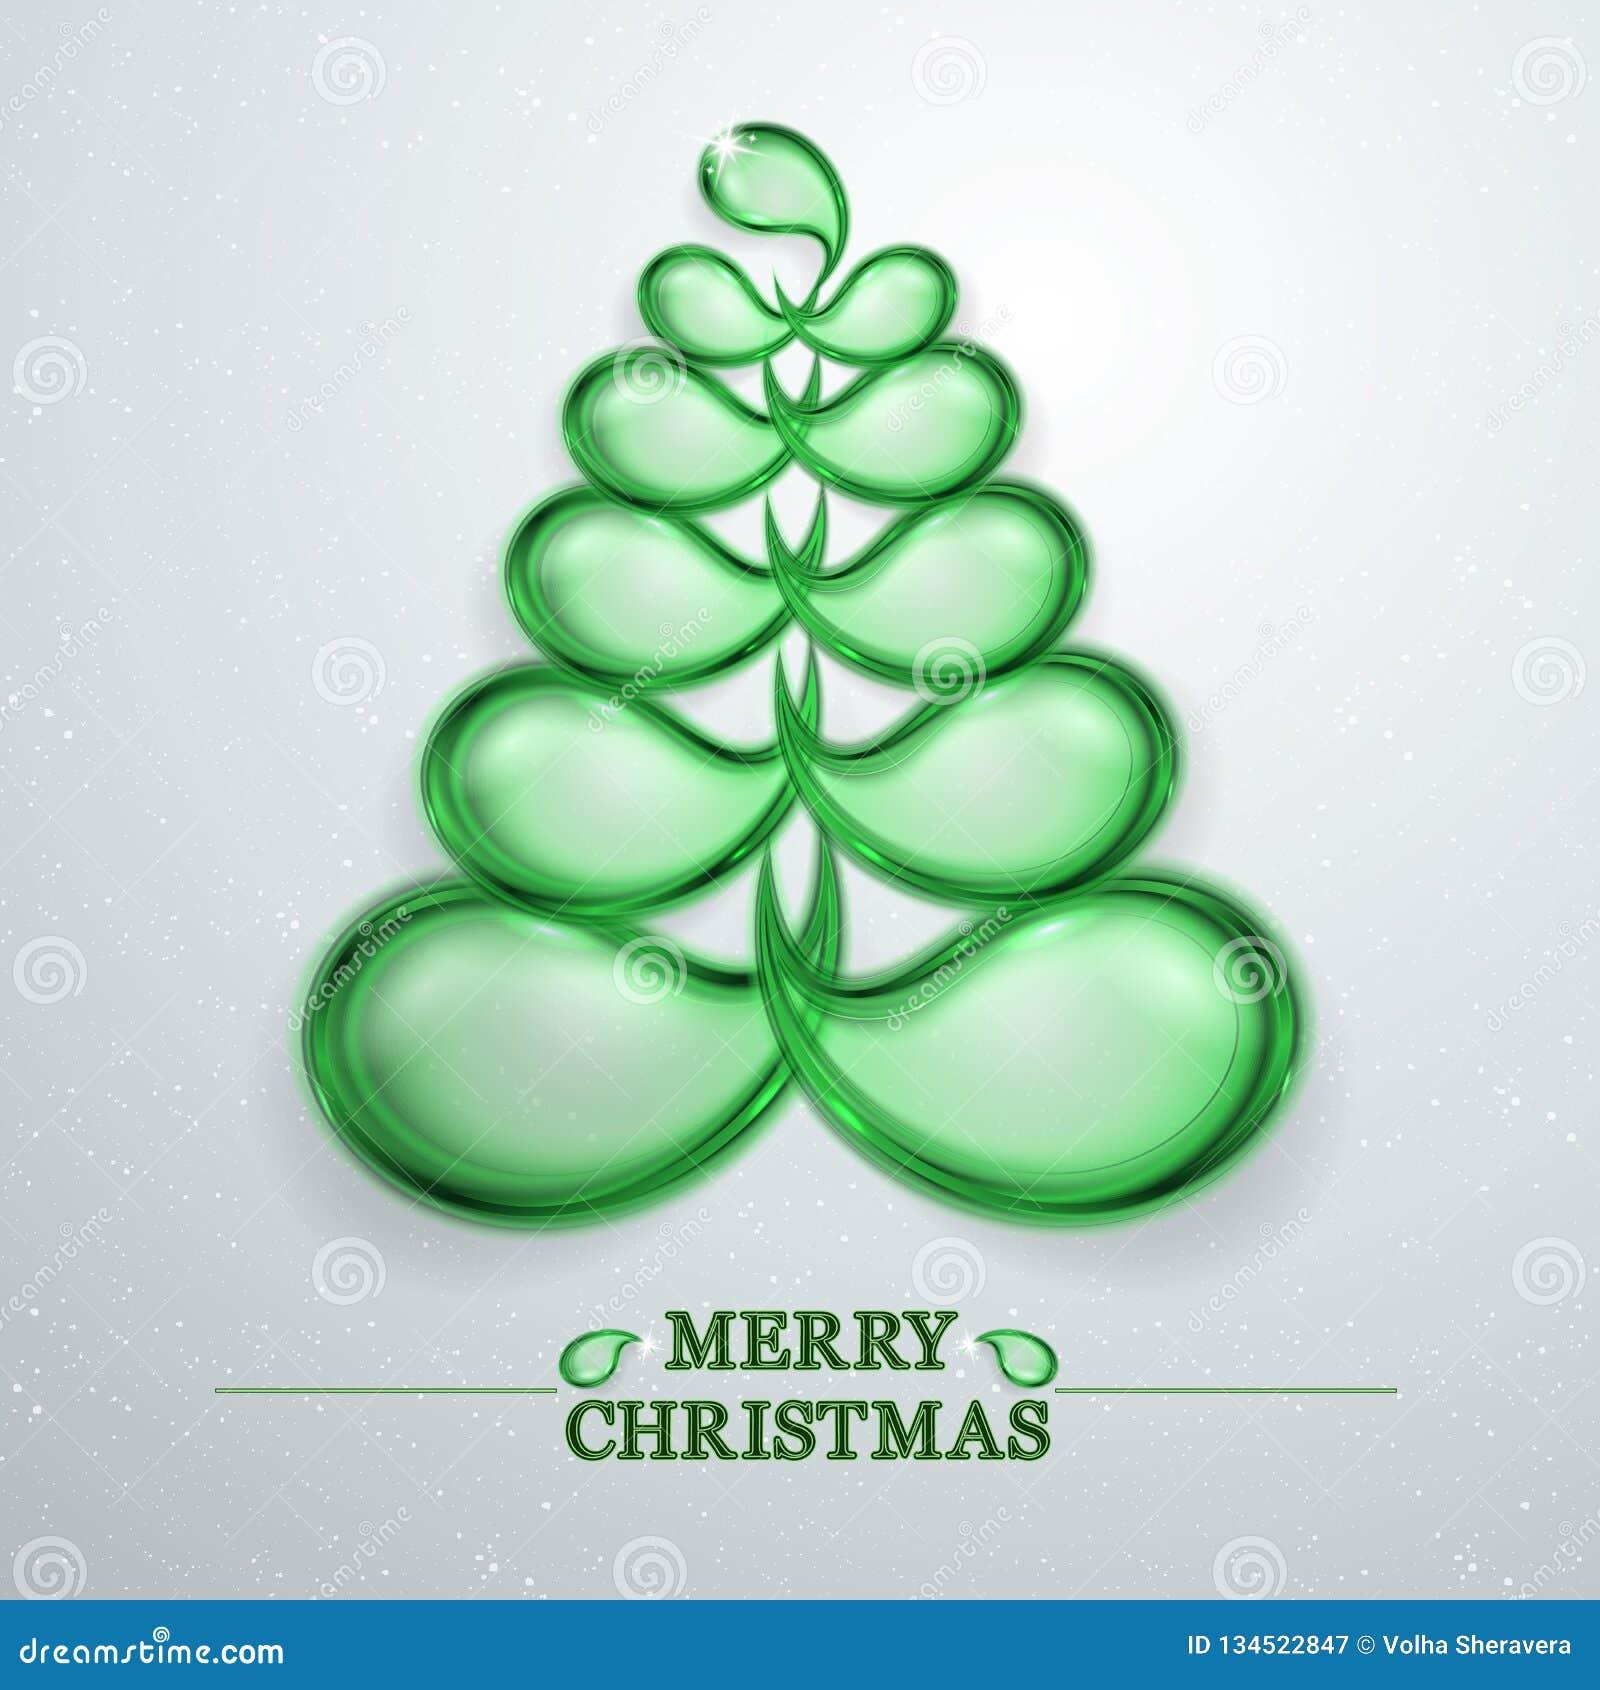 Abstrakter Weihnachtsbaum Glas- und erleichterter Weihnachtsbaum Baumvektor des Grüns 3D der frohen Weihnachten stilvoller